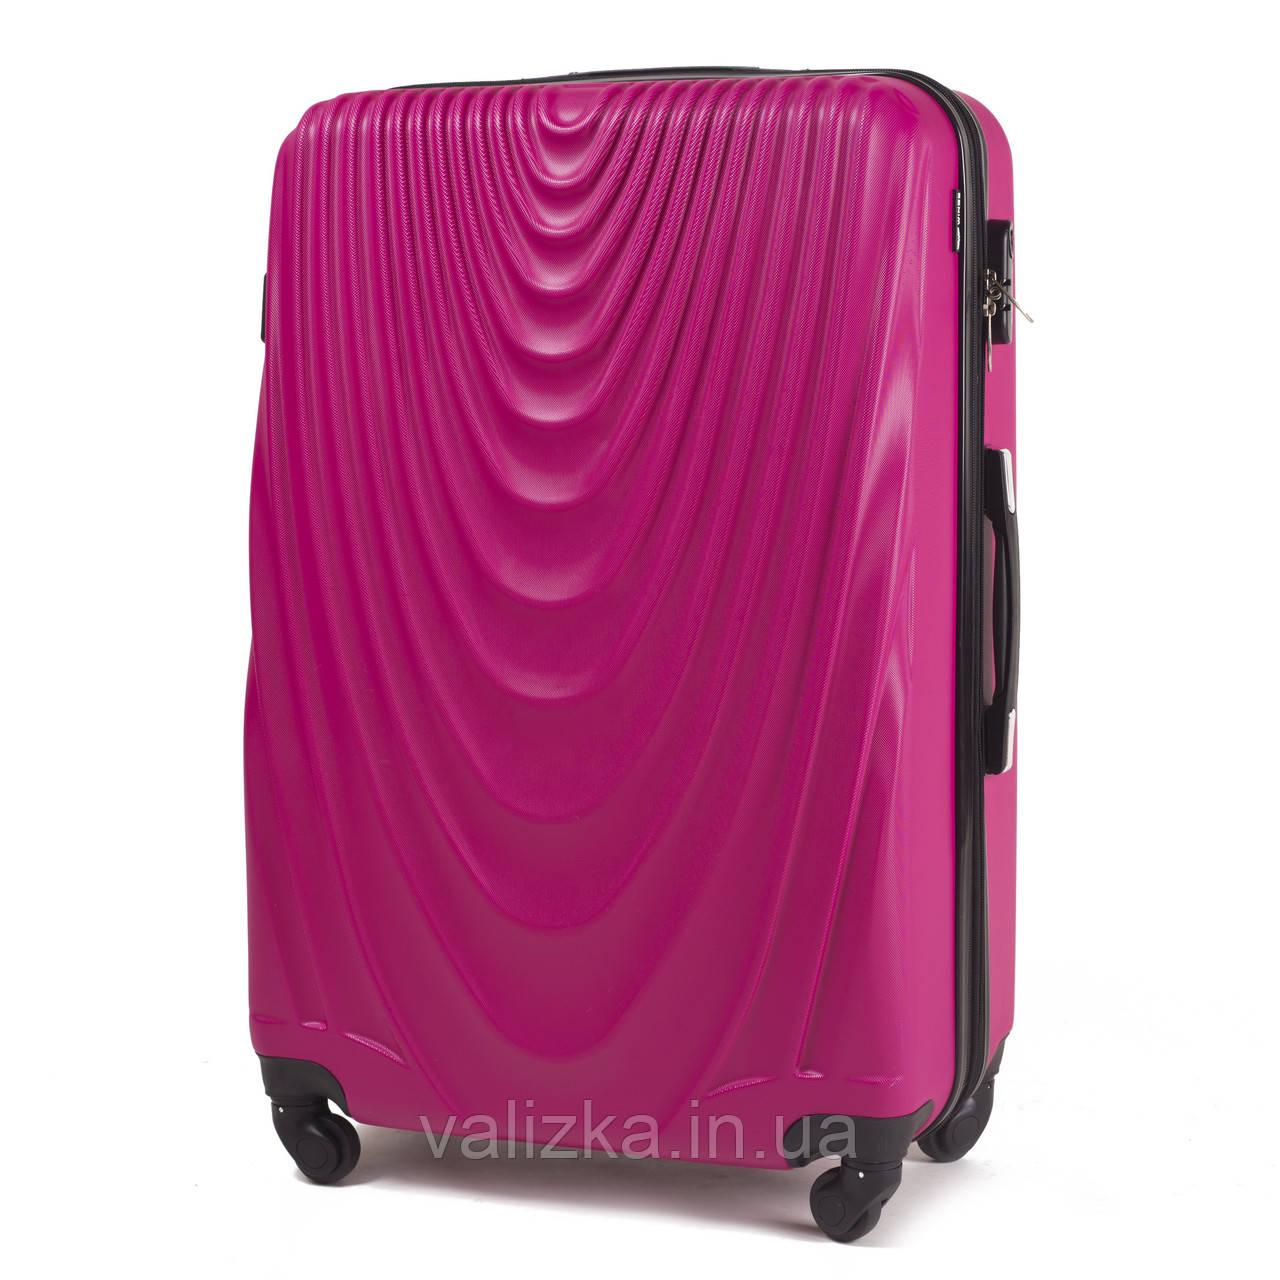 Чемодан из поликарбоната большой Wings 304 на 4-х колесах с расширителем розовый